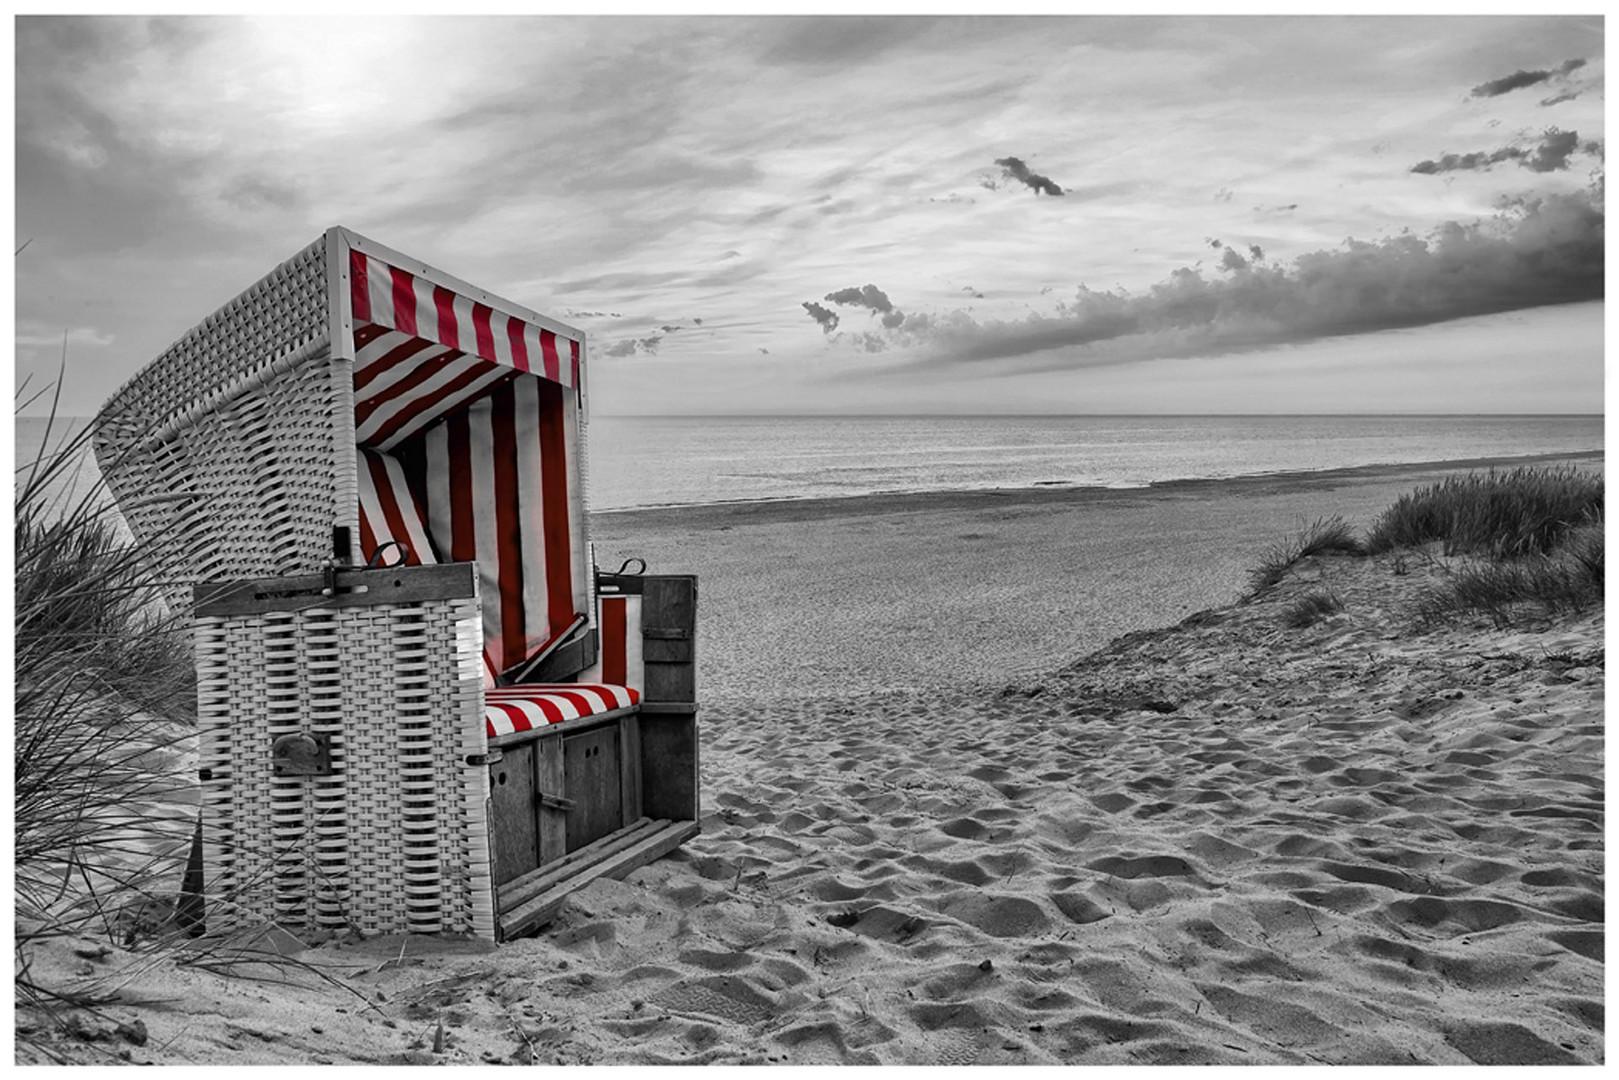 strandkorb am strand von sylt schwarz weiss teilcoloiert. Black Bedroom Furniture Sets. Home Design Ideas